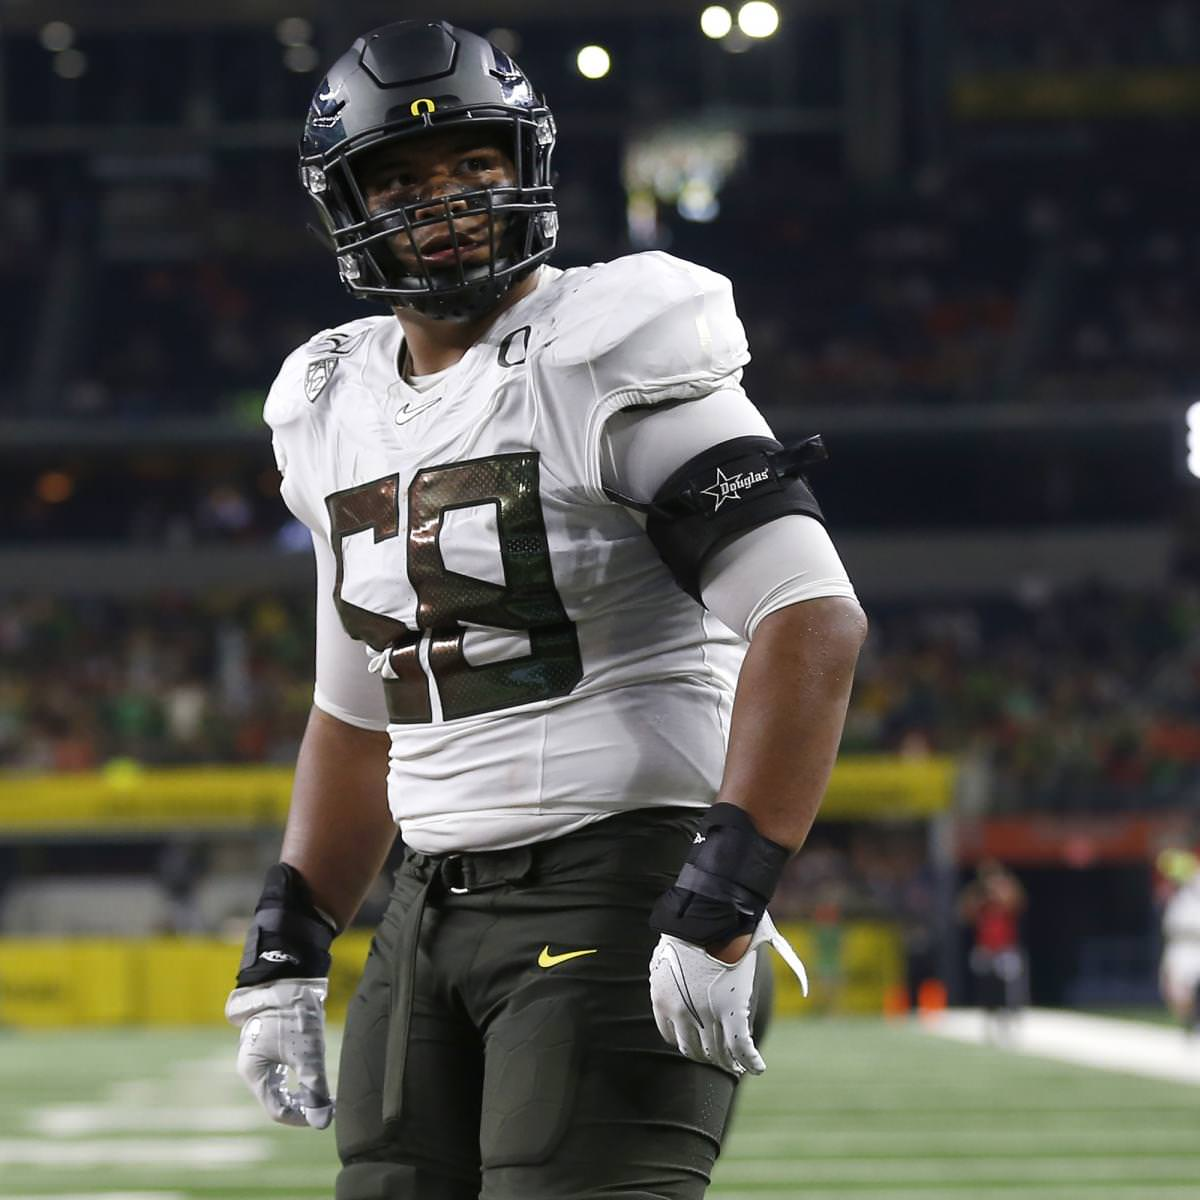 NFL Mock Draft 2021: Predições de campeonato pós-CFP para prospectos da 1ª rodada